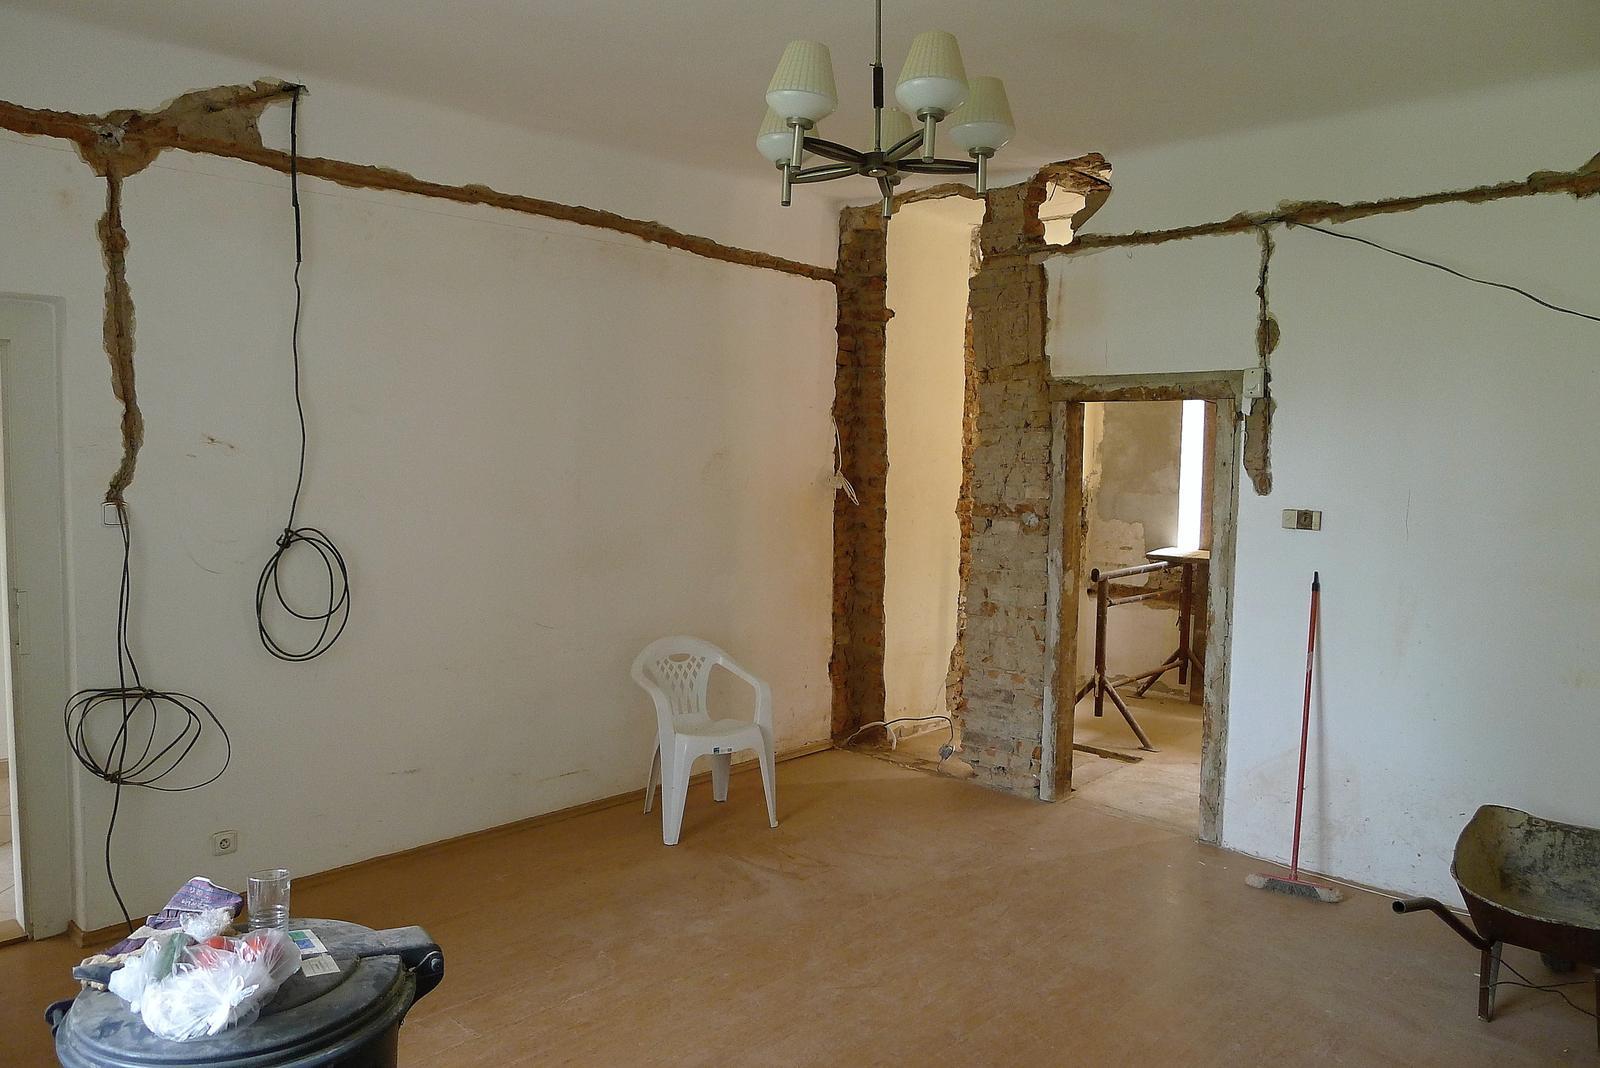 Rekonstrukce našeho domečku - Obrázek č. 51